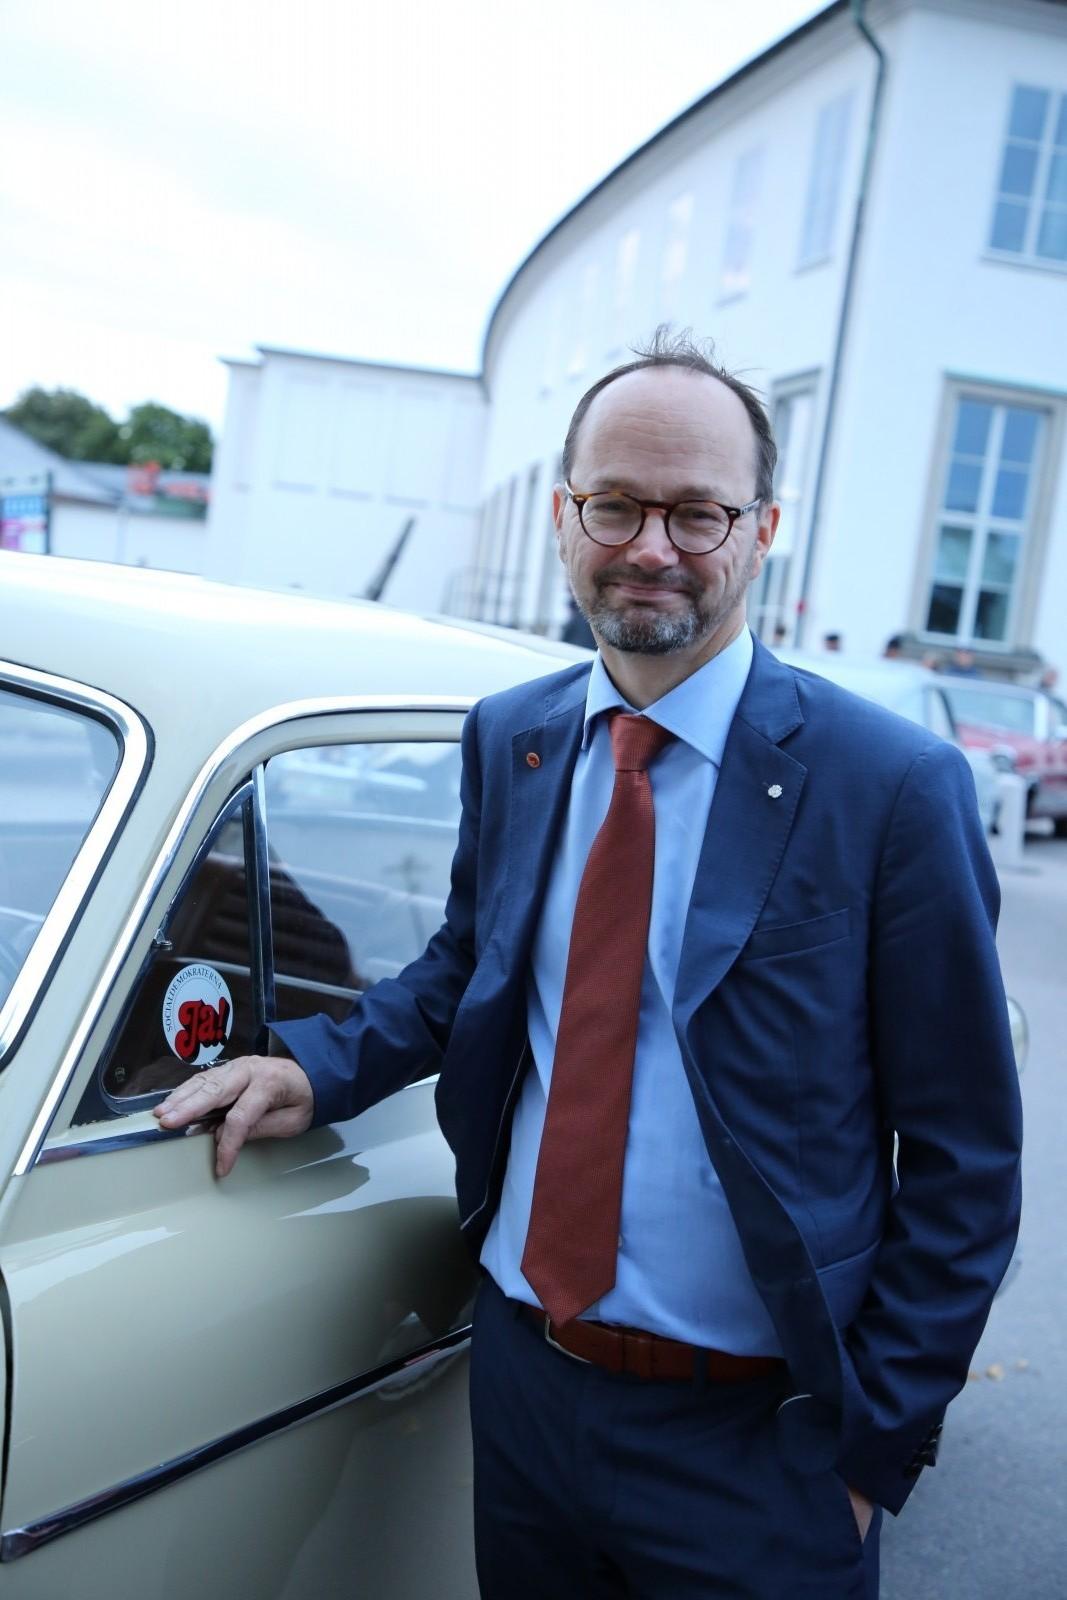 Infrastrukturminister Tomas Eneroth vid 50-årsfirandet av högertrafikomläggningen. Då anade han inte hur mycket platina han var omgiven av.